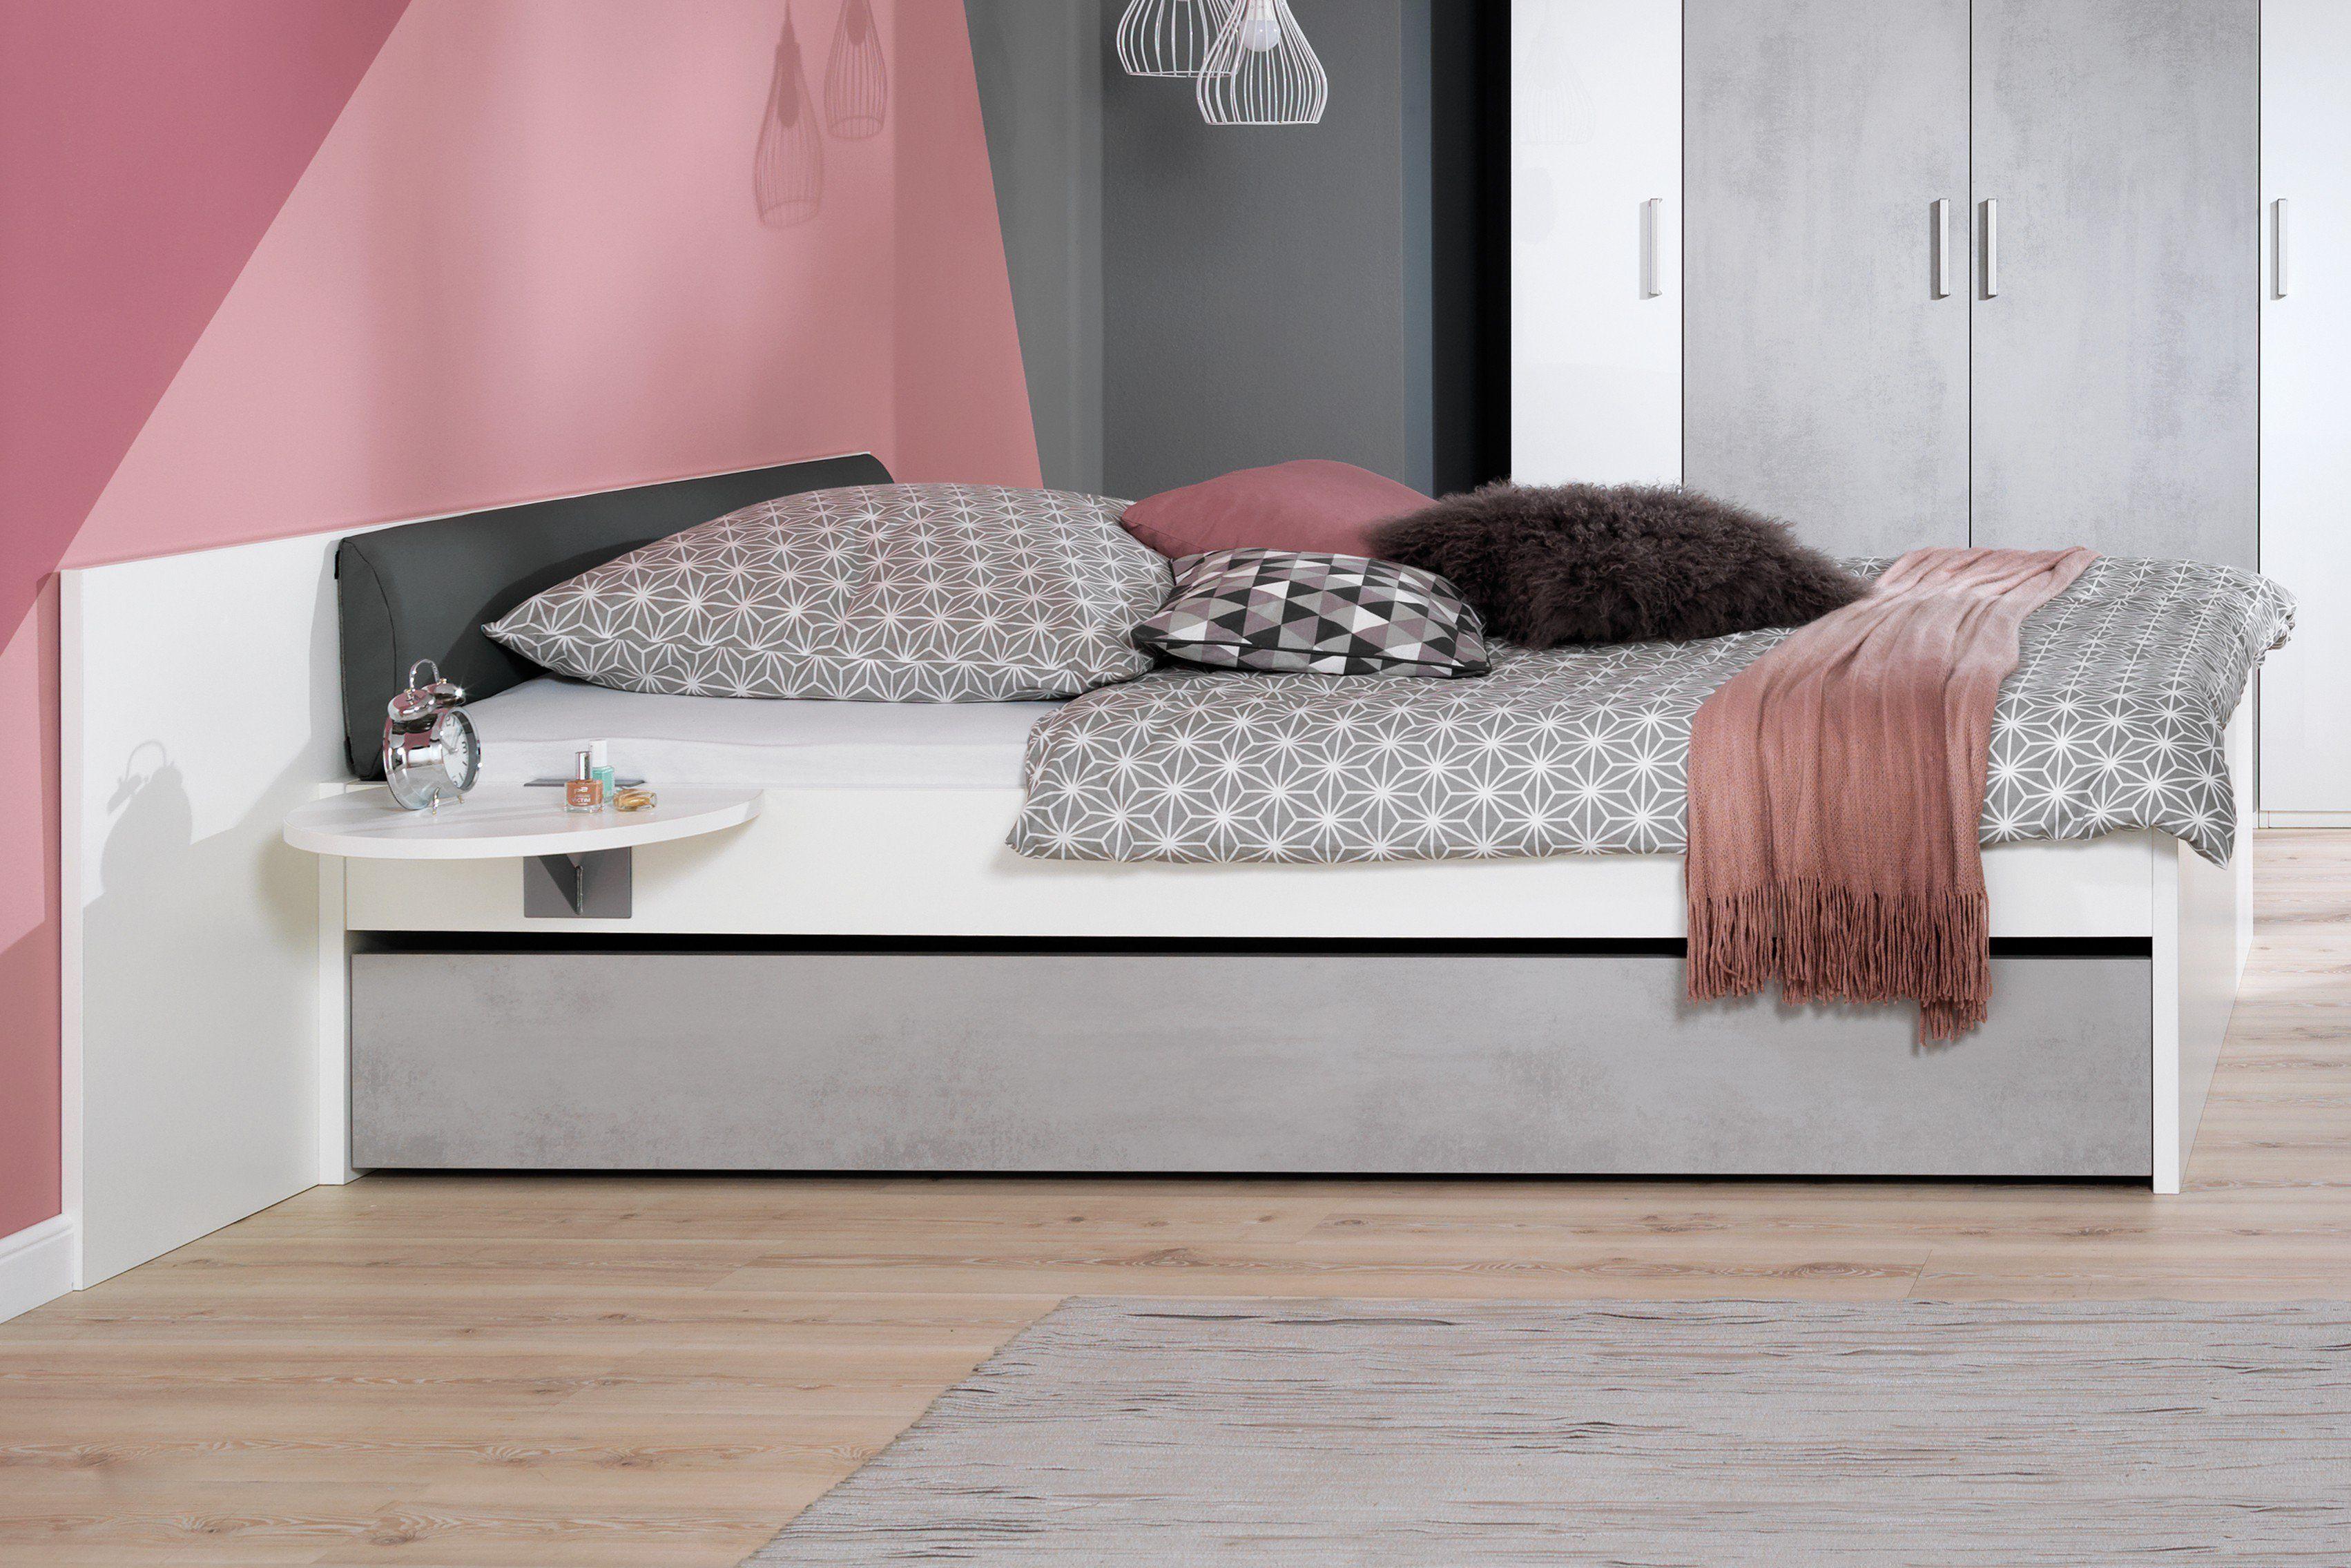 Bildergebnis für bett 140x200 mit gästebett Bett 140x200